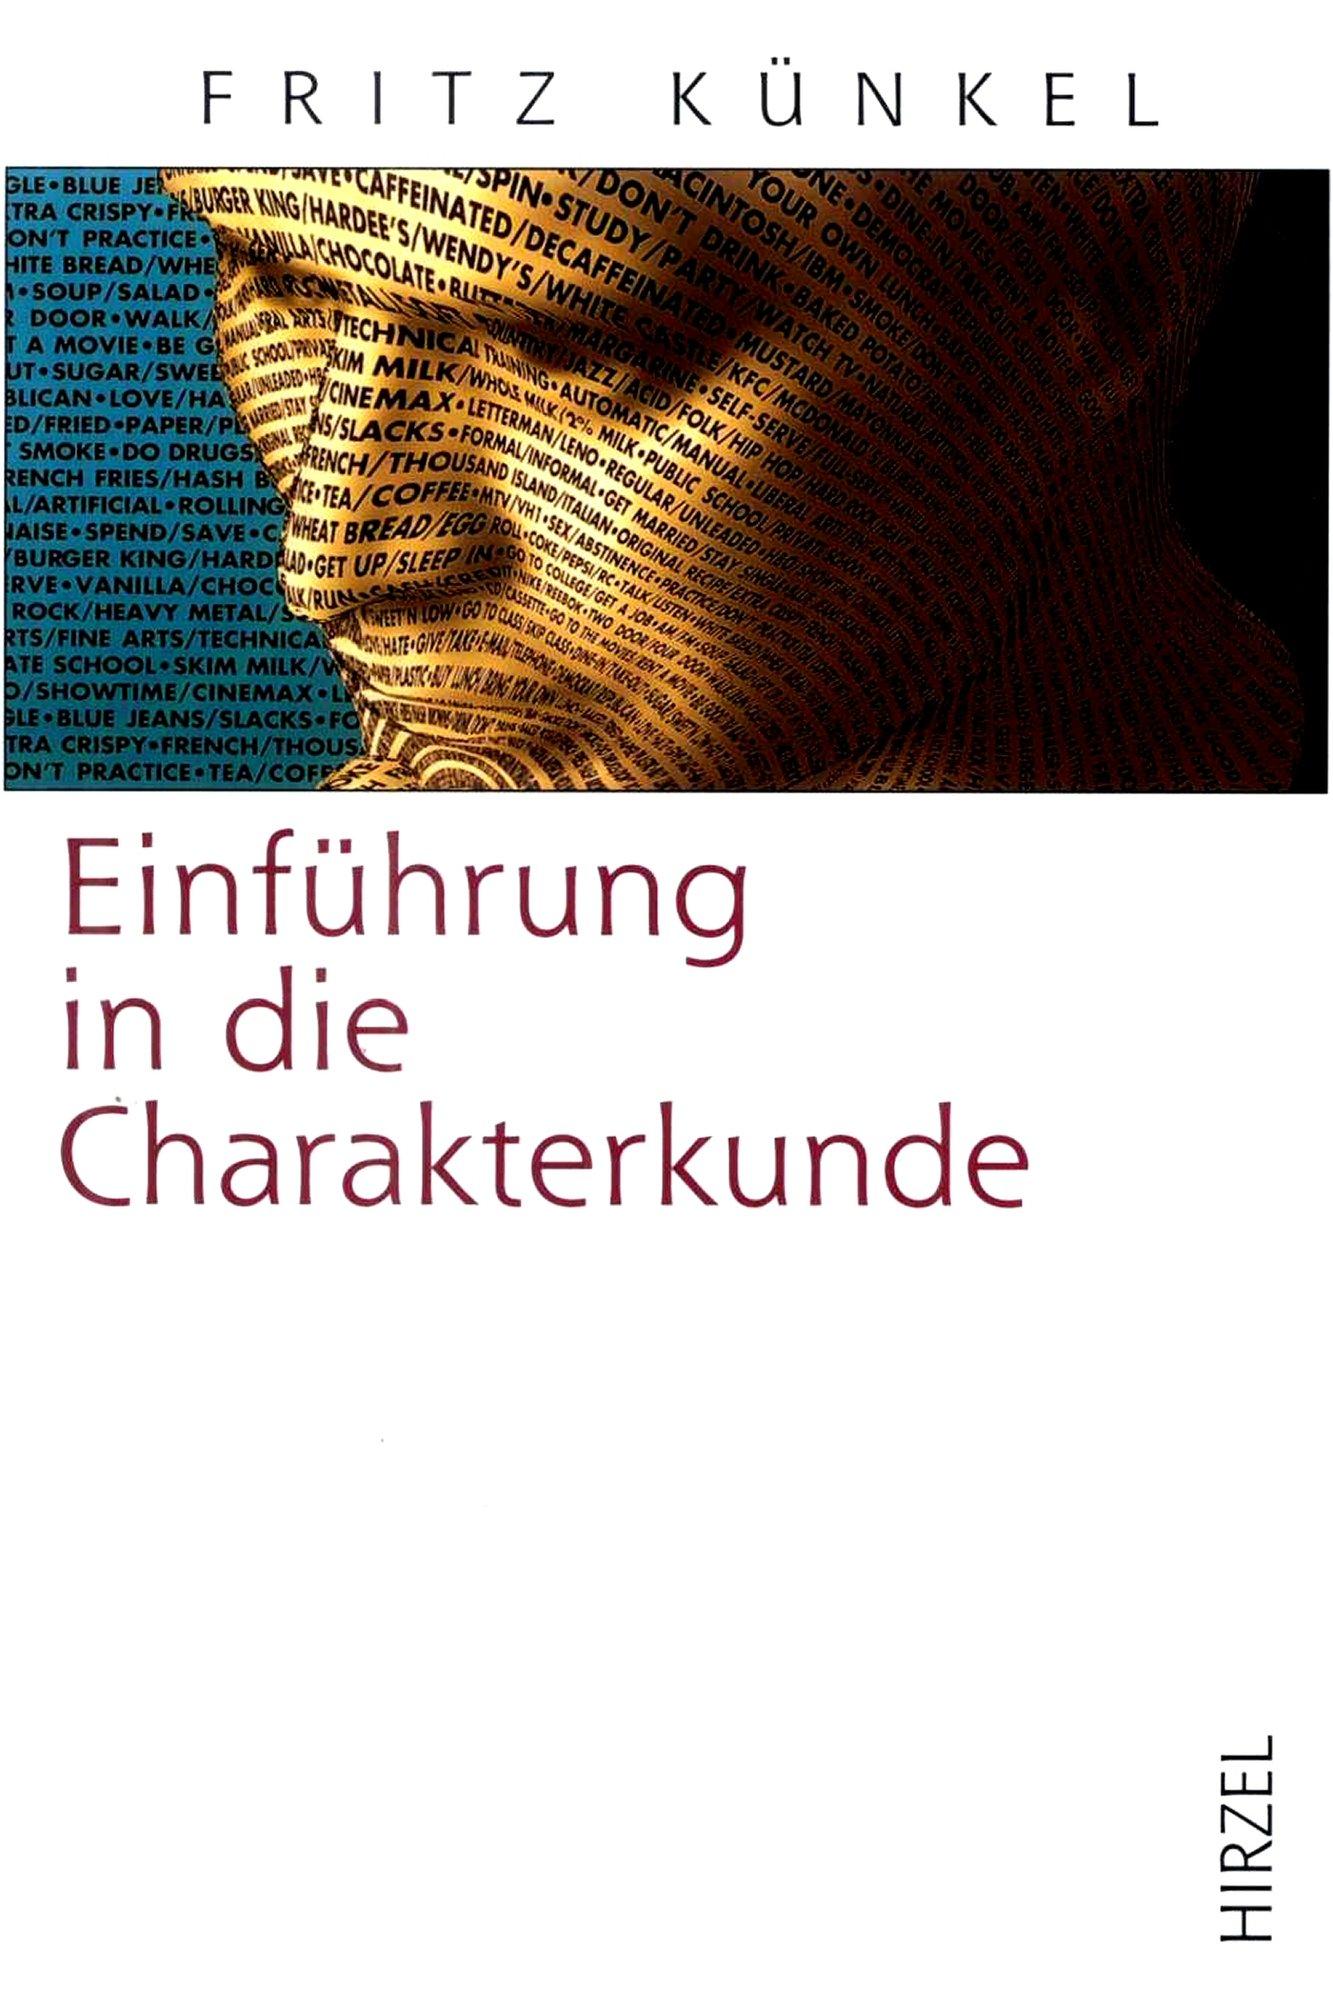 Einfuehrung-in-die-Charakterkunde-Fritz-Kuenkel